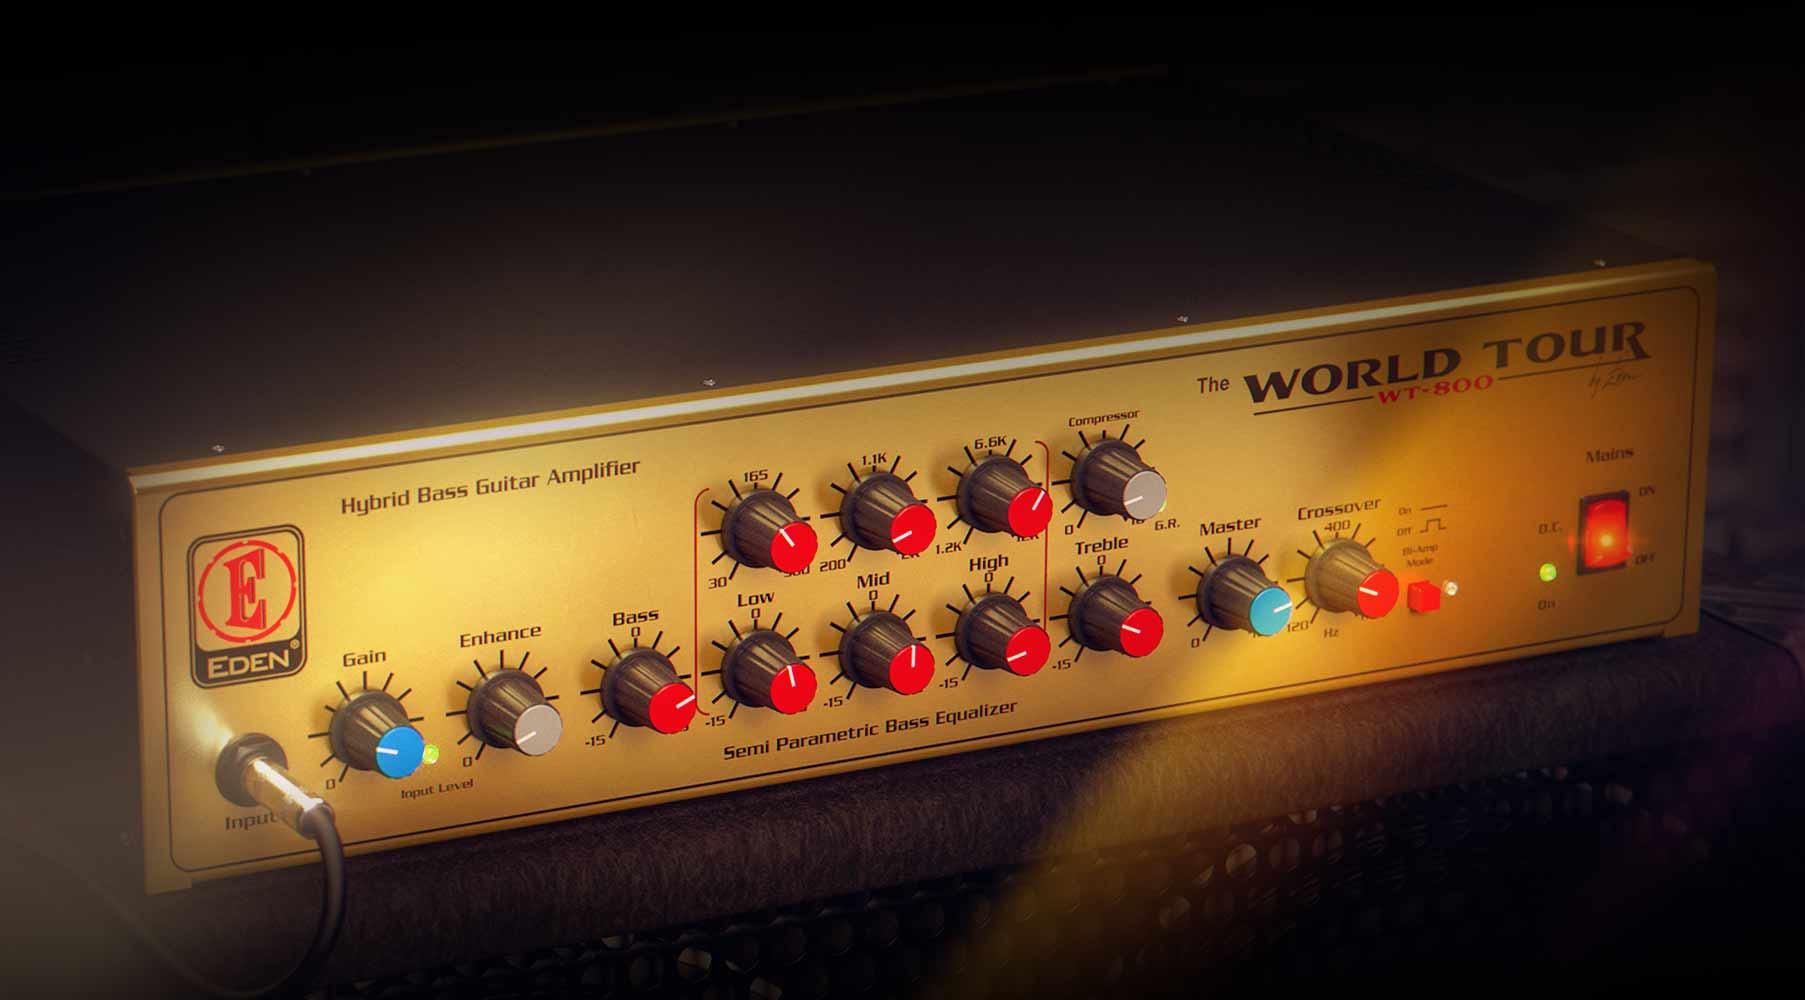 Eden® WT800 Bass Amplifier